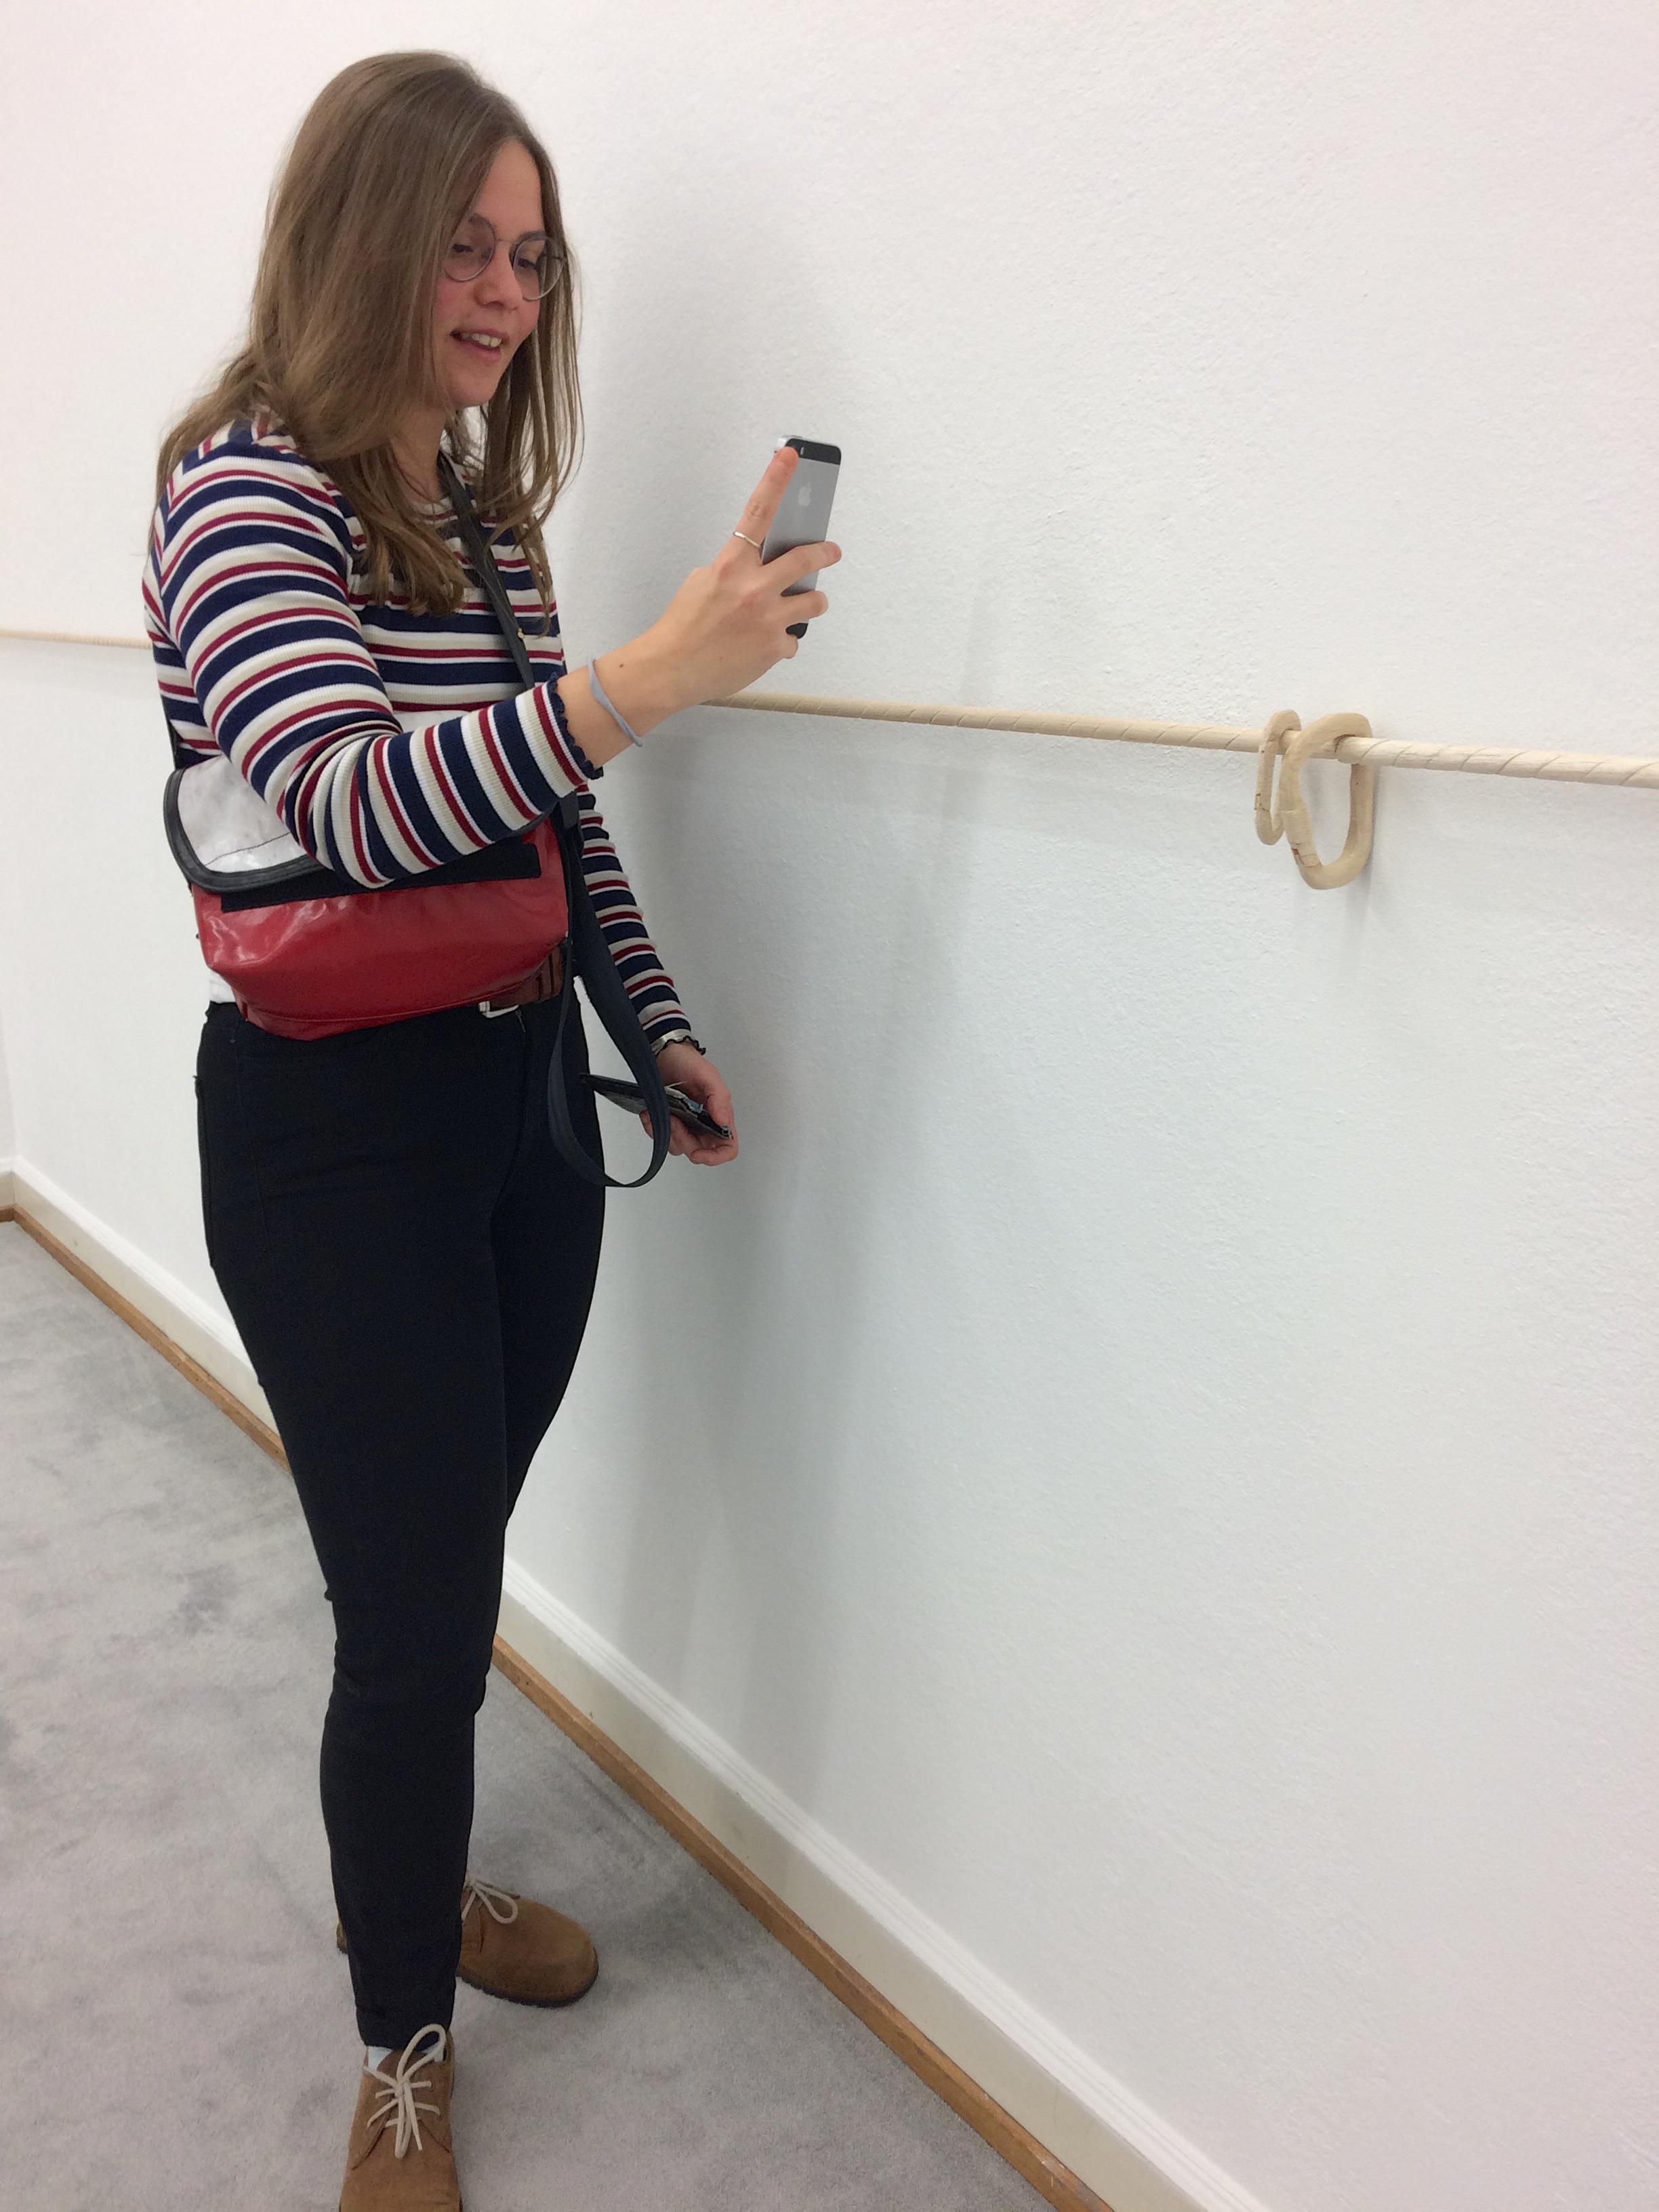 Installation KARABINER @ Künstlerhaus Bregenz